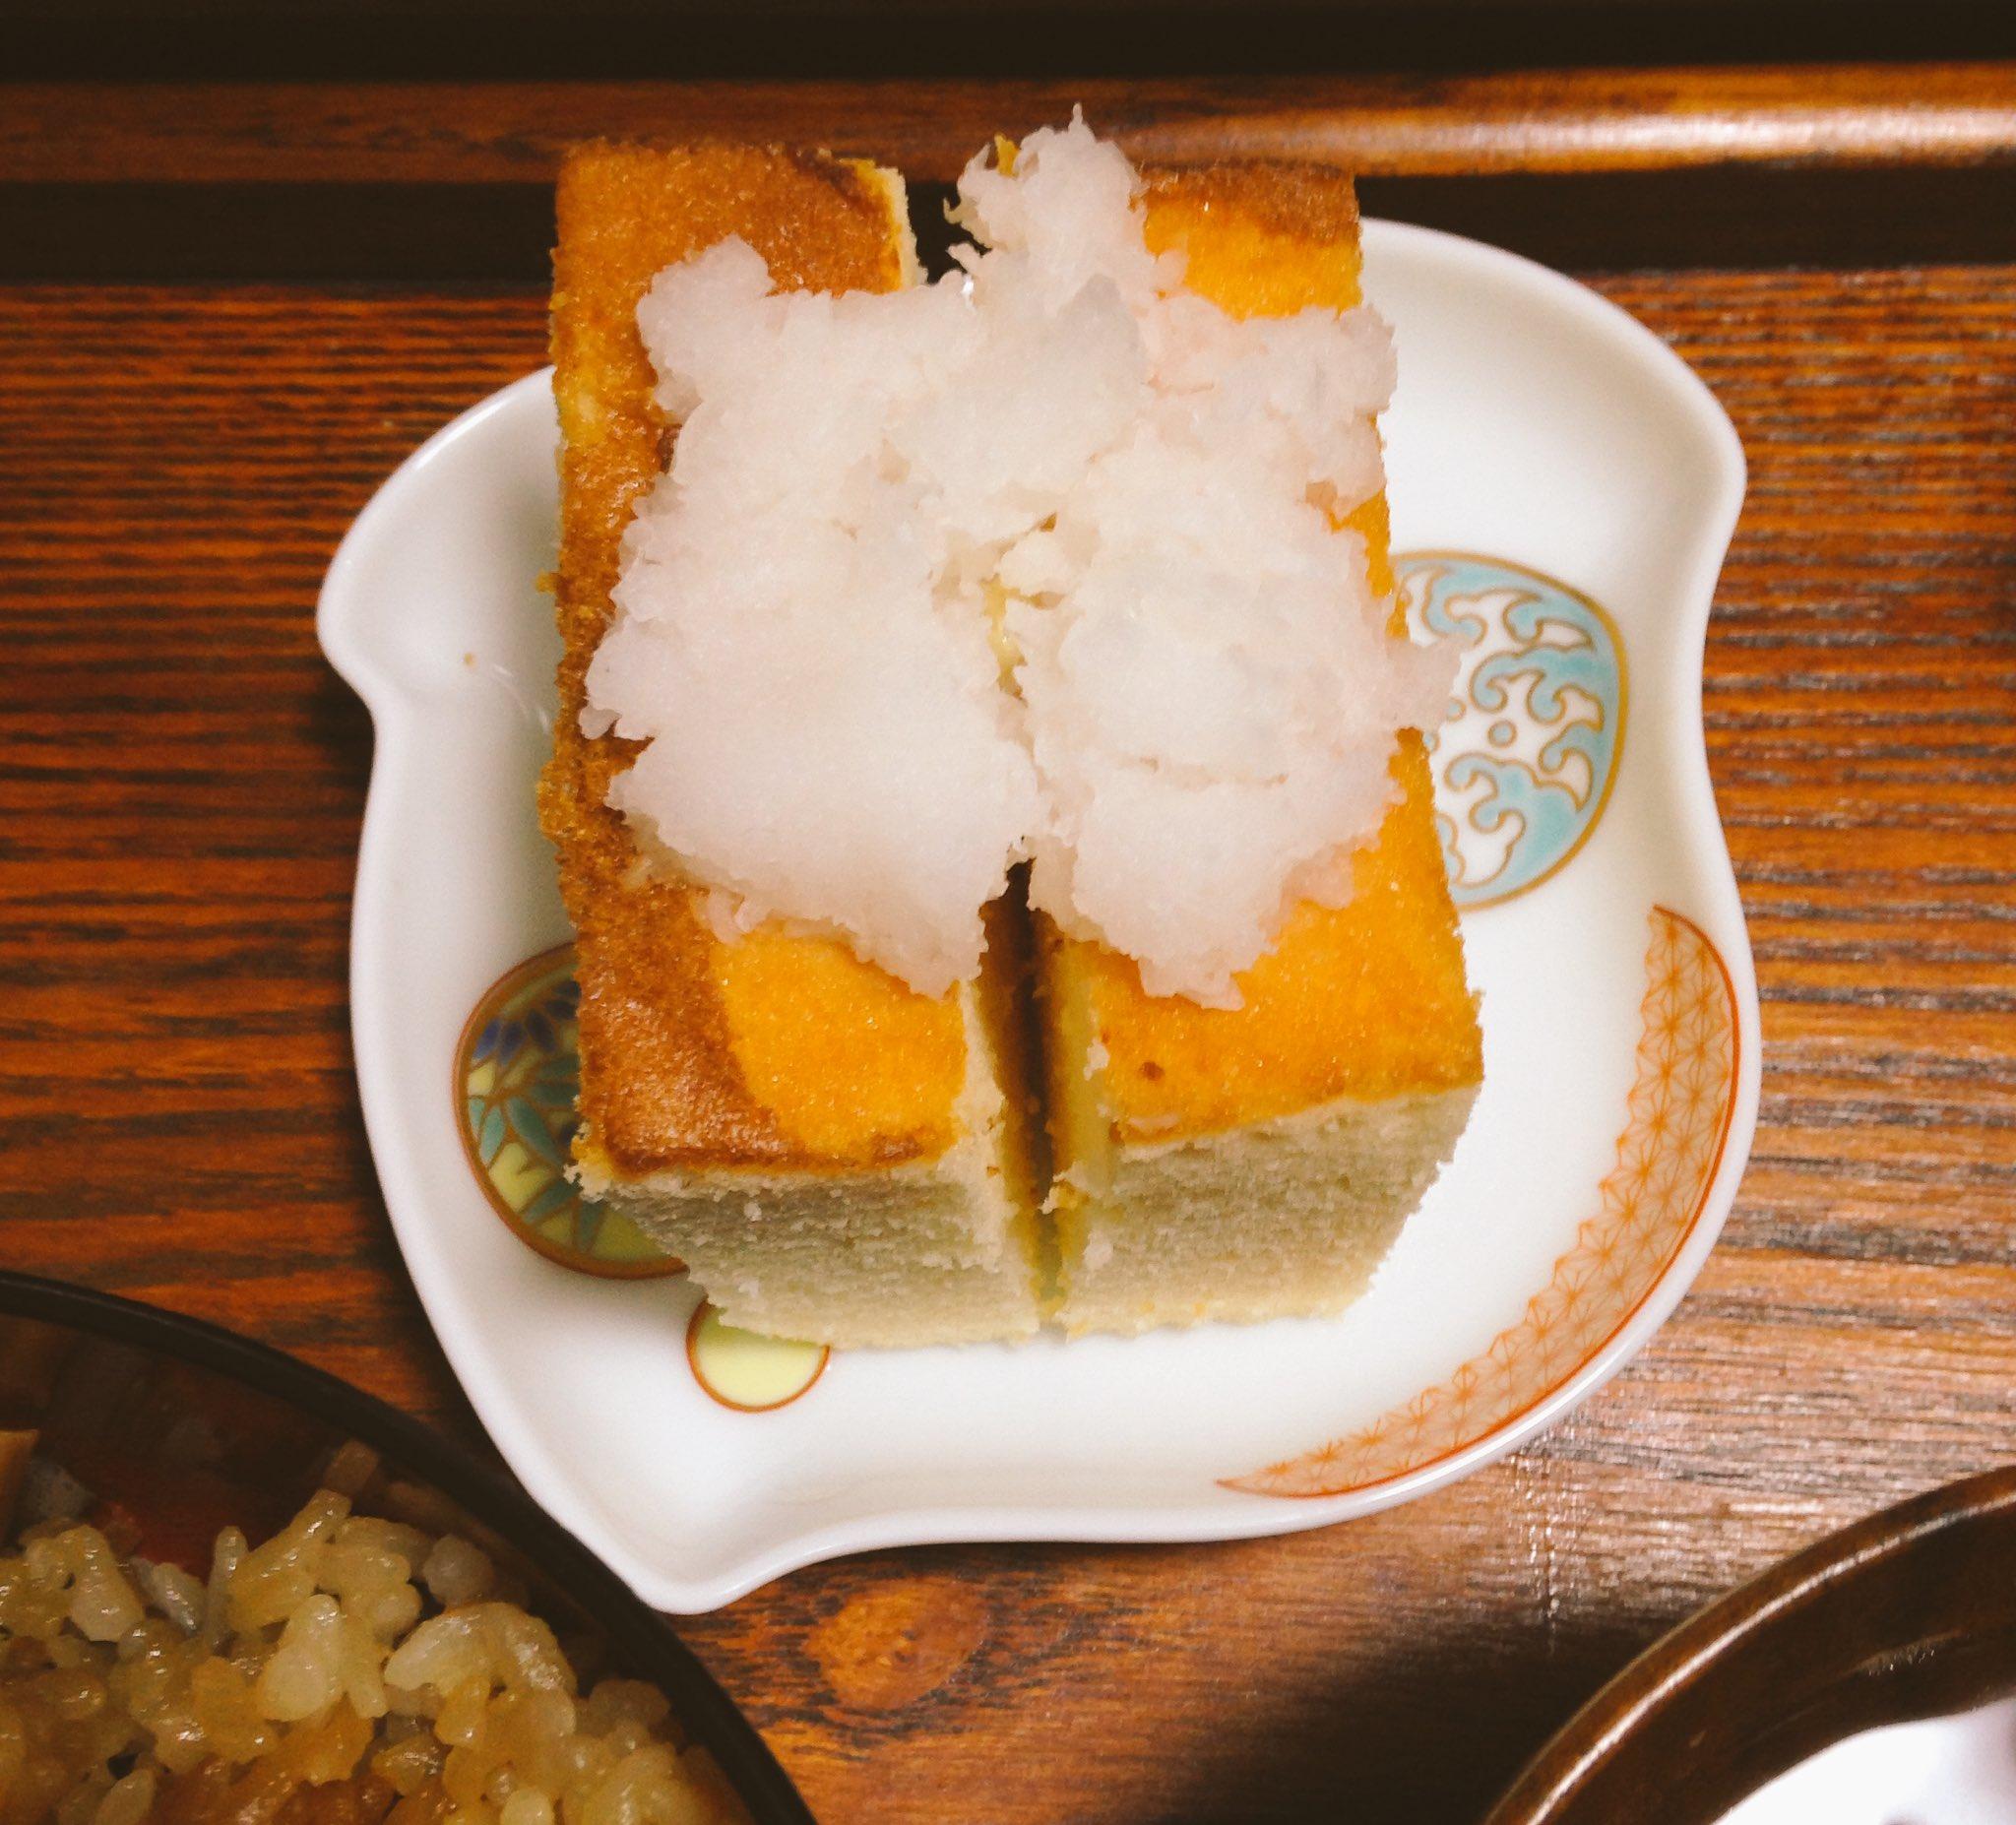 江戸時代のカステラの食べ方。吸物の具と酒の肴(大根おろしを付ける)を試してみました。当時の人が夢中になるのも納得の美味さでした。